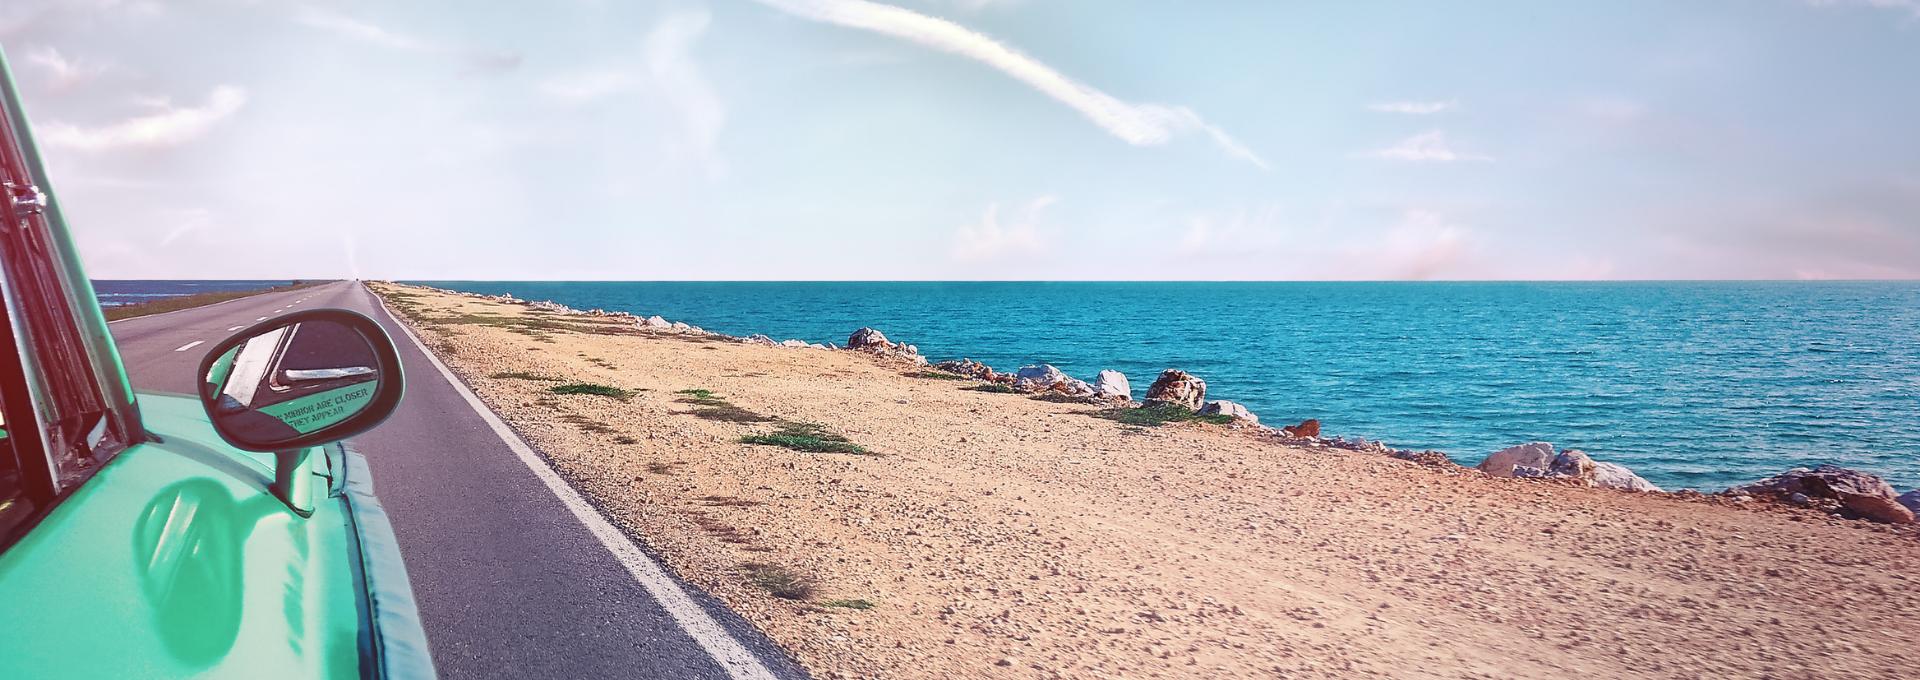 一起聽歌出遊去,環島旅遊就是這麼簡單!